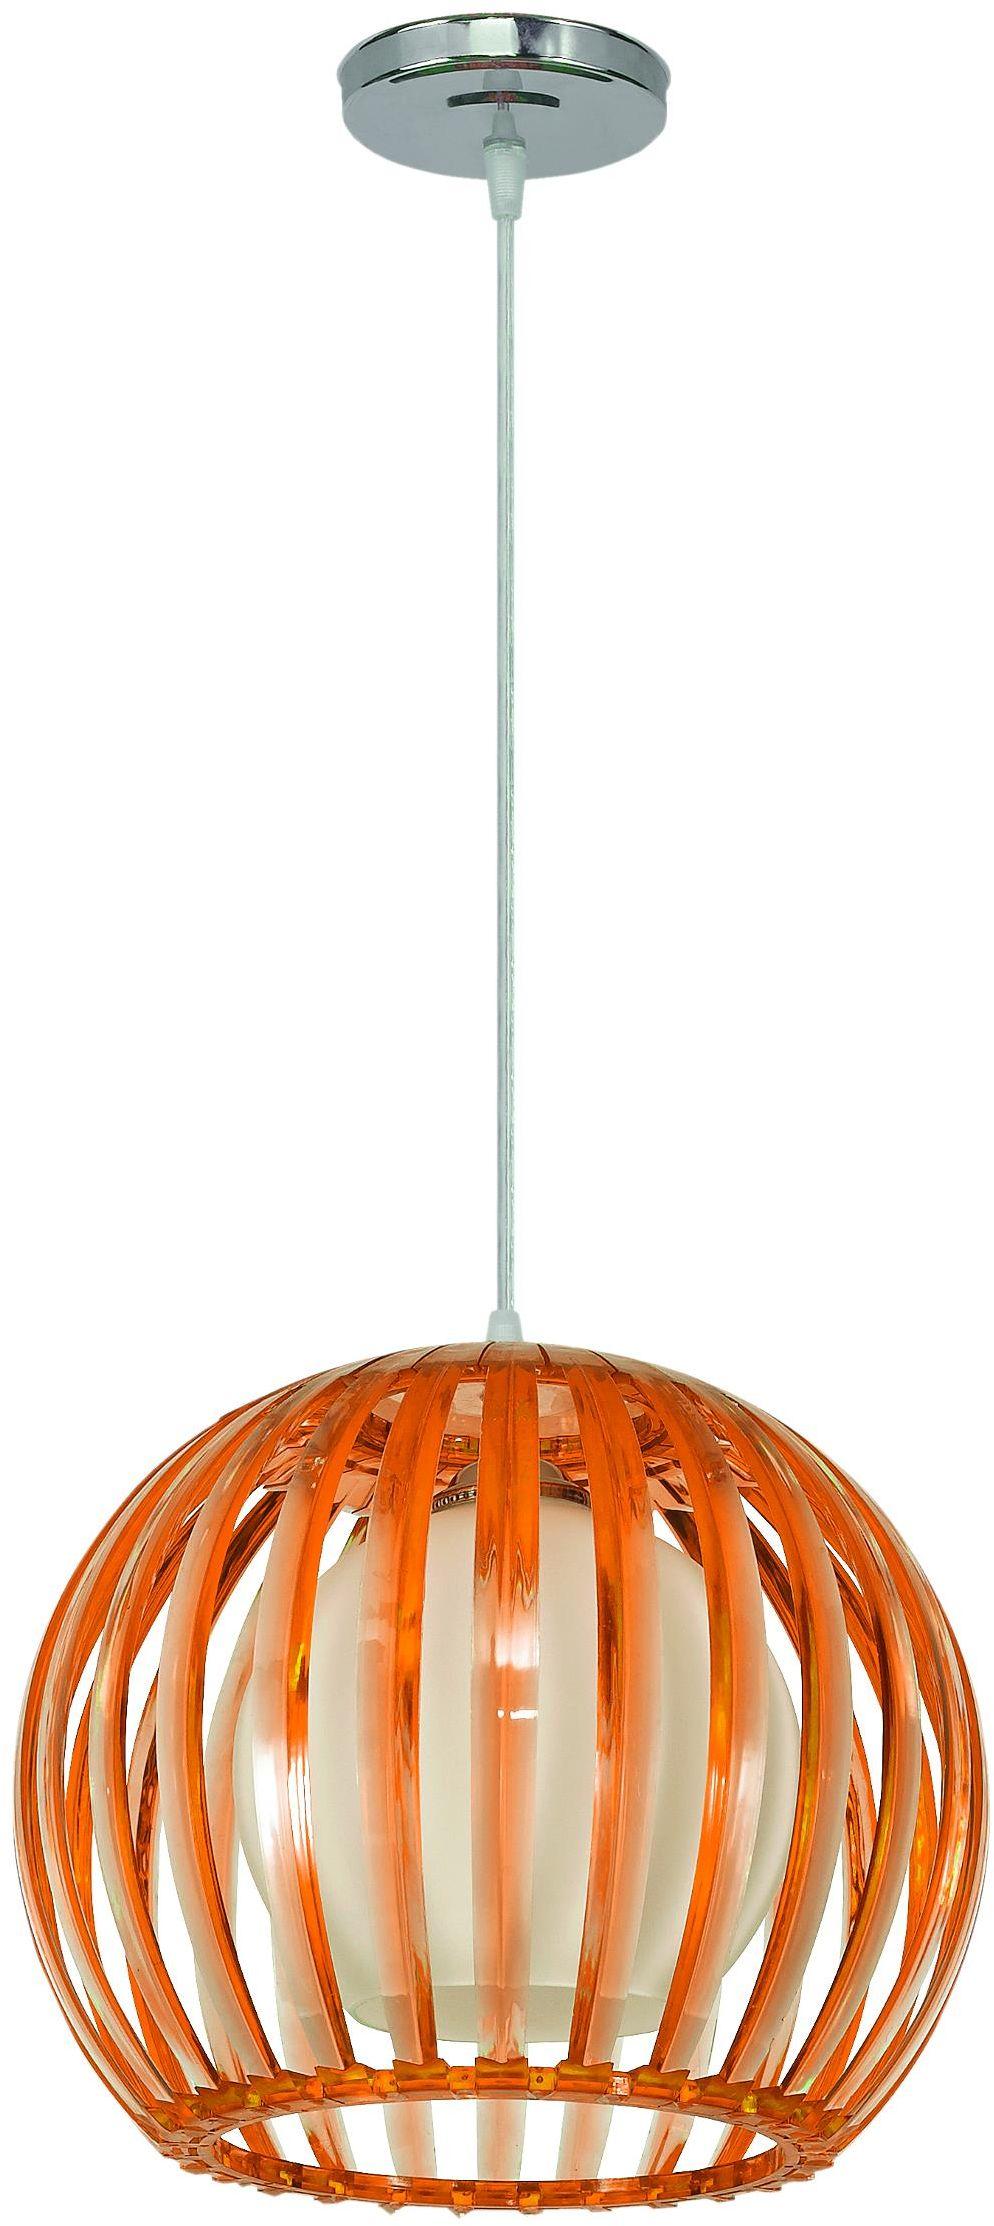 Lampex Wenus brąz 329/1 BRA lampa wisząca nowoczesna brązowy klosz z tworzywa sztucznego 1x60W E27 30cm